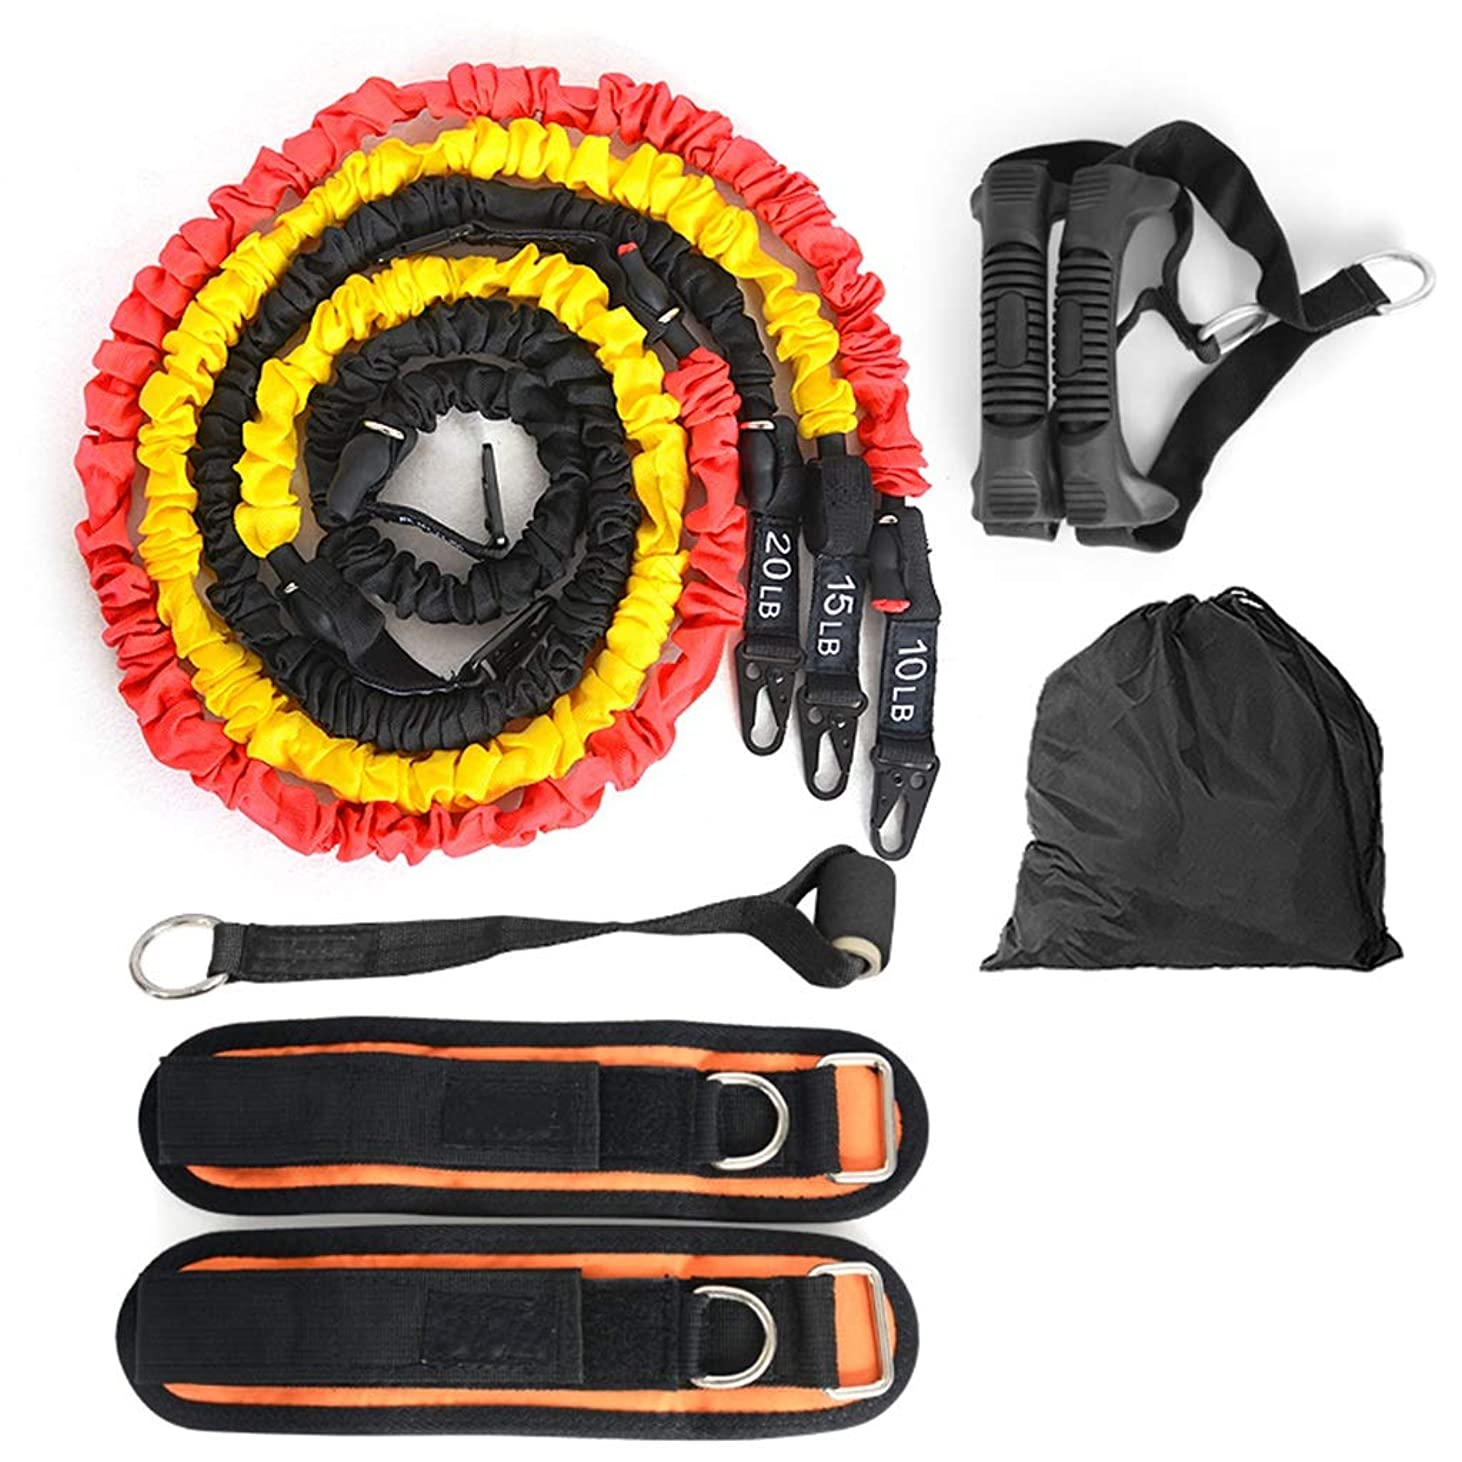 巻き取りカウボーイフィット多機能ワードロープの男性と女性のフィットネス機器の抵抗薄い腕のトレーニング弾性ロープ弾性ベルトテンショナー (色 : 45 pounds)